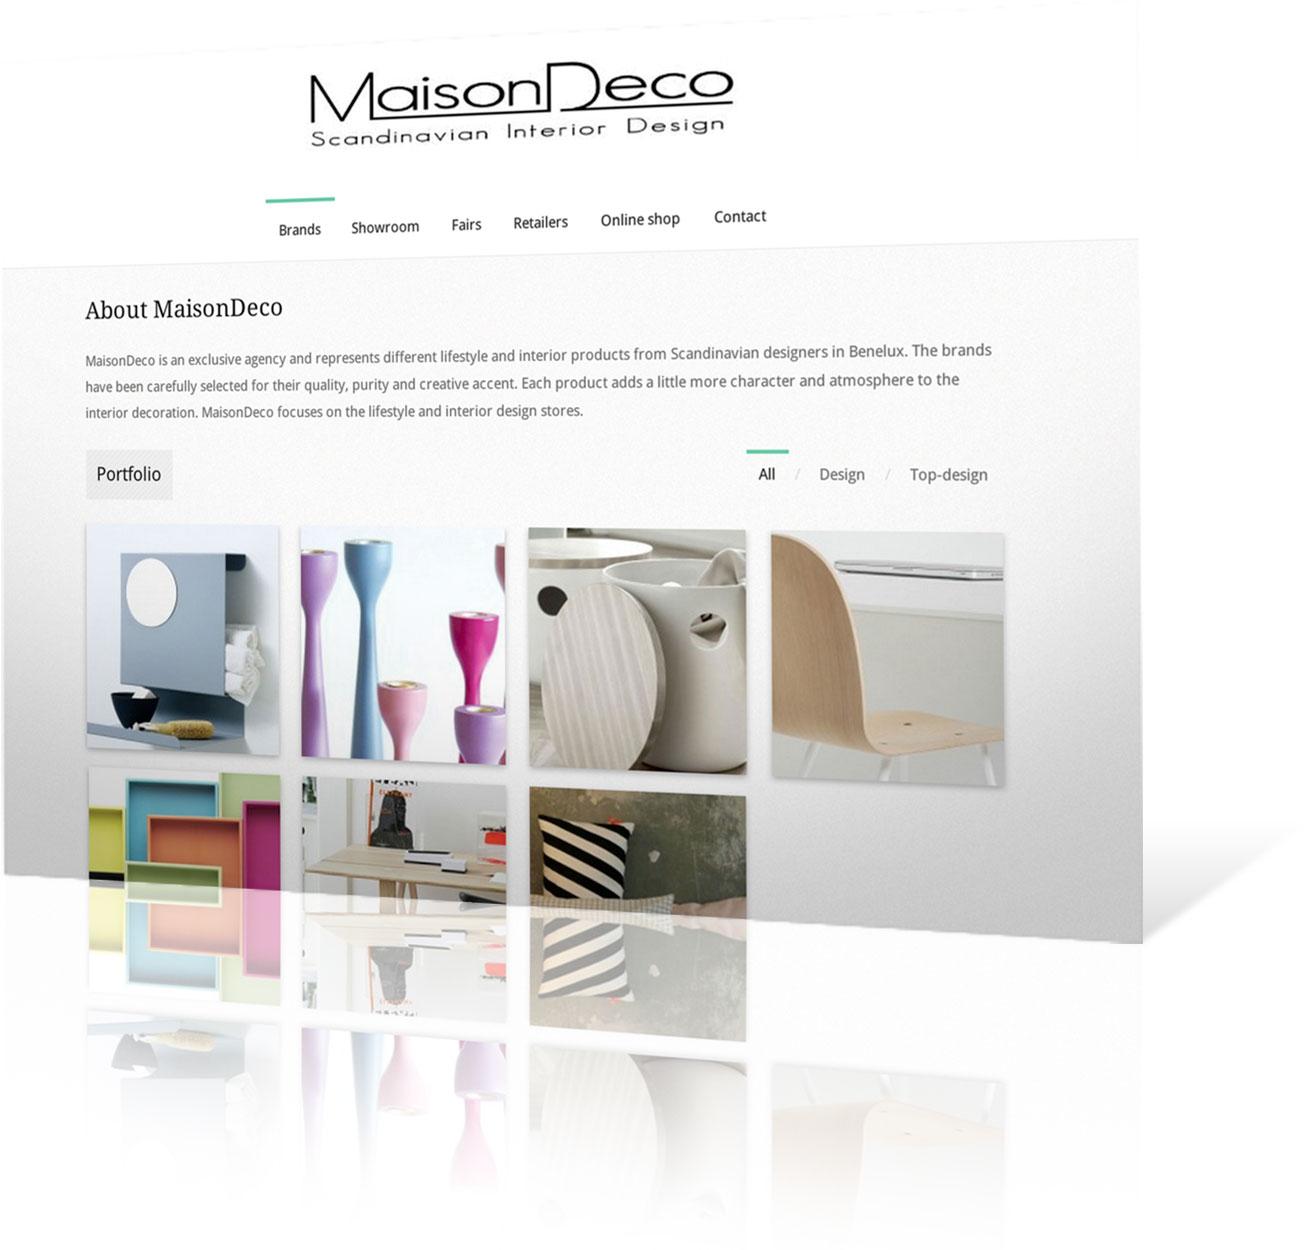 maisondeco-hjemmeside